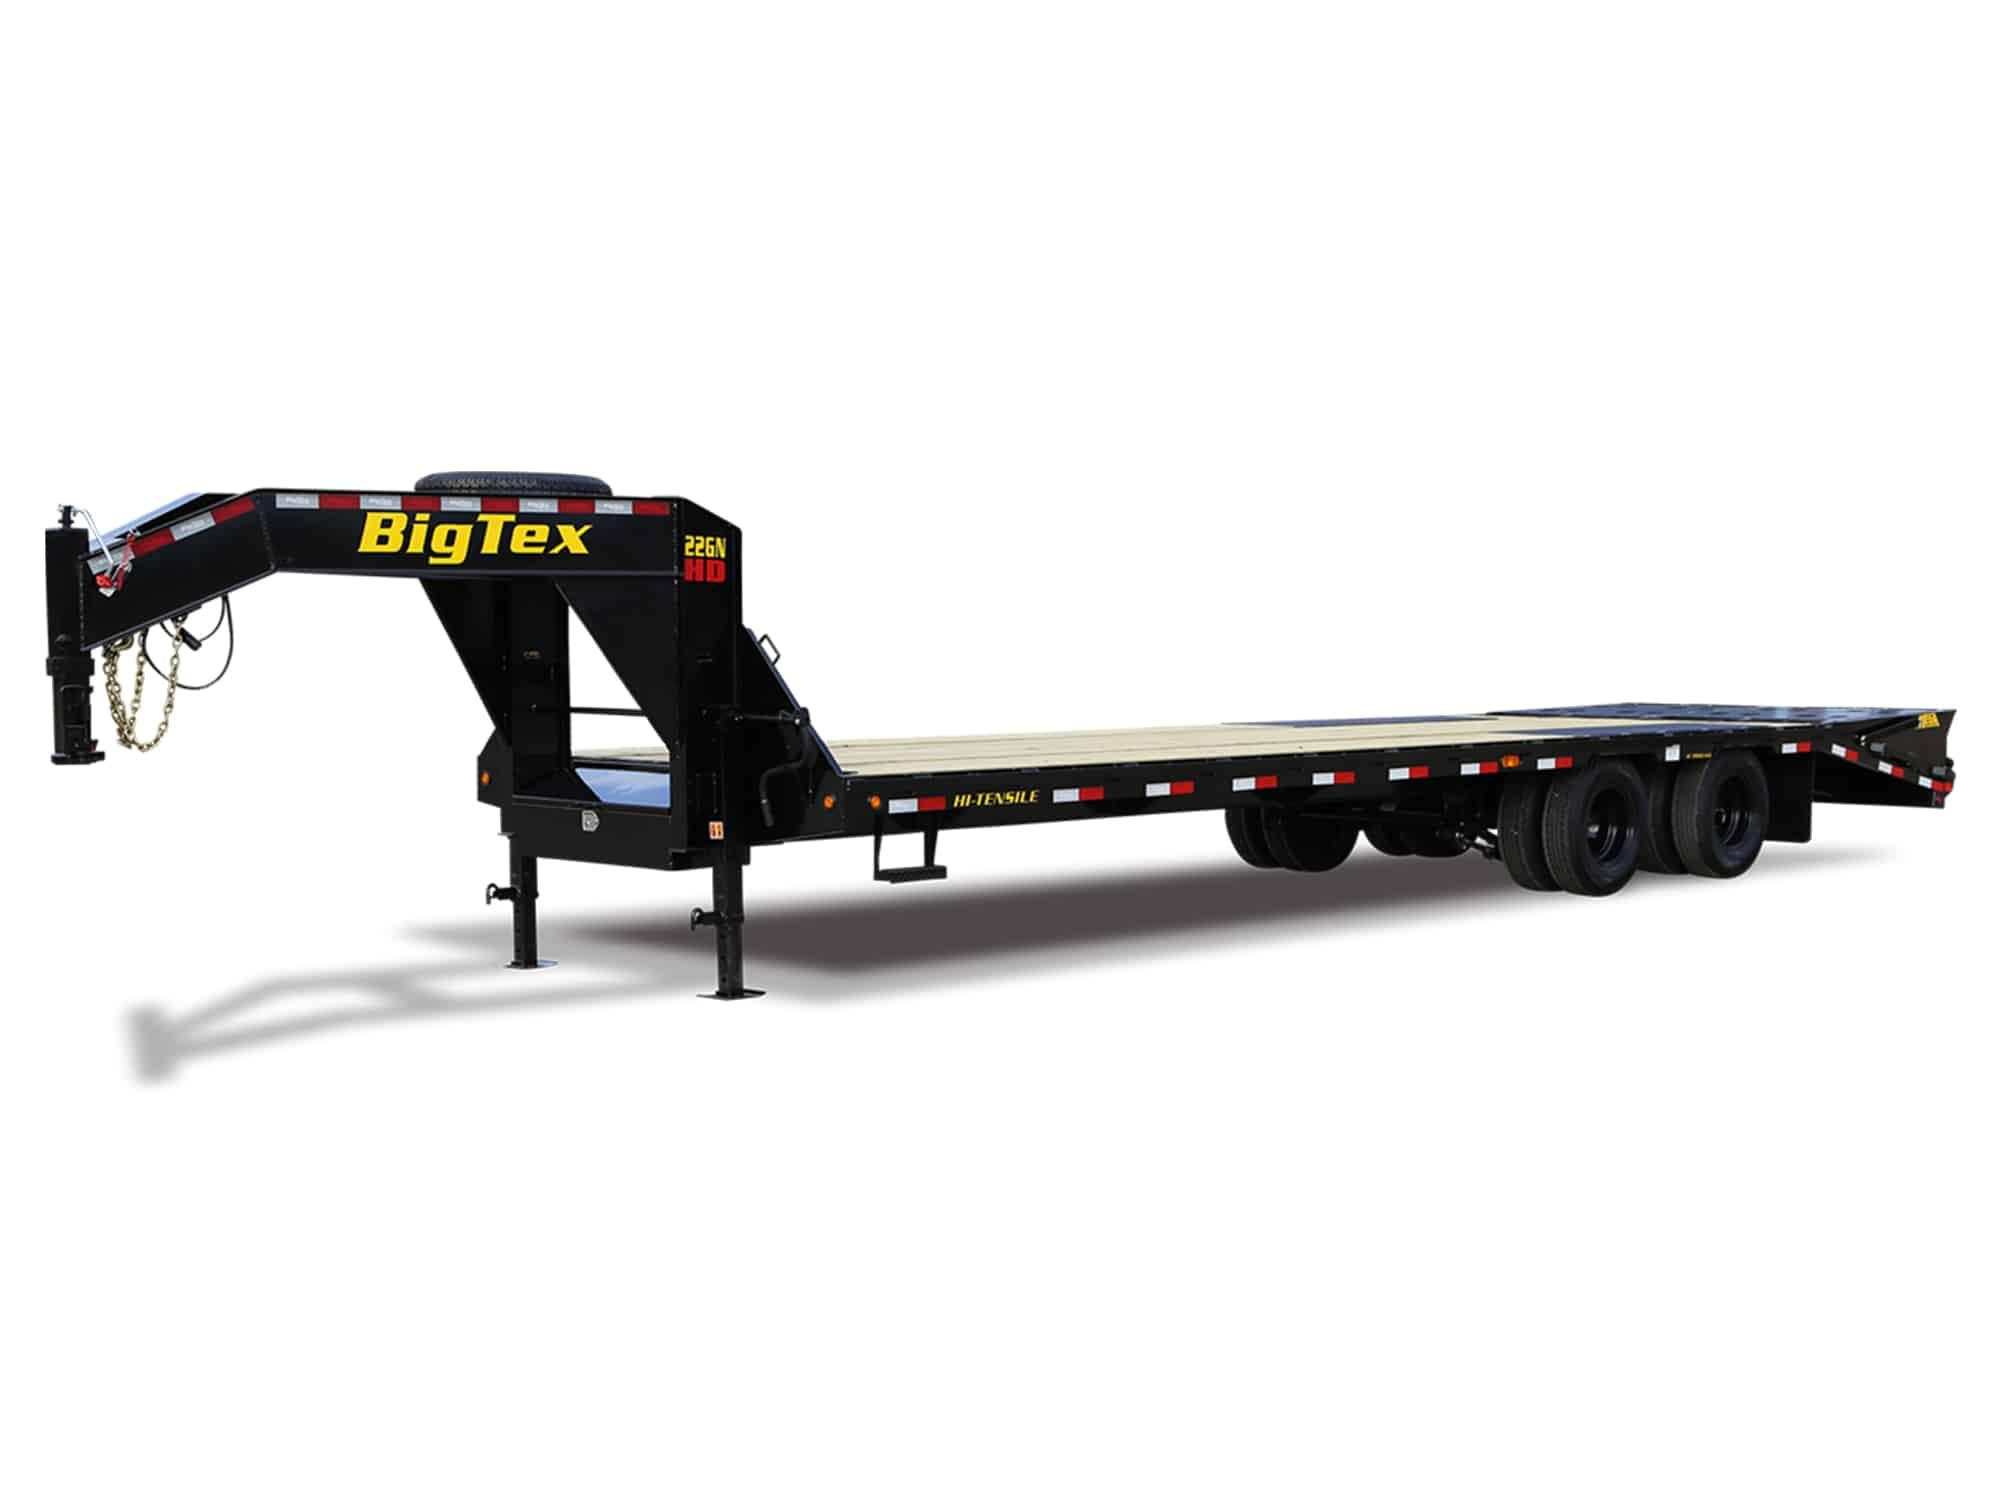 BLACK STEEL BIG TEX GOOSENECK EQUIPMENT TRAILER